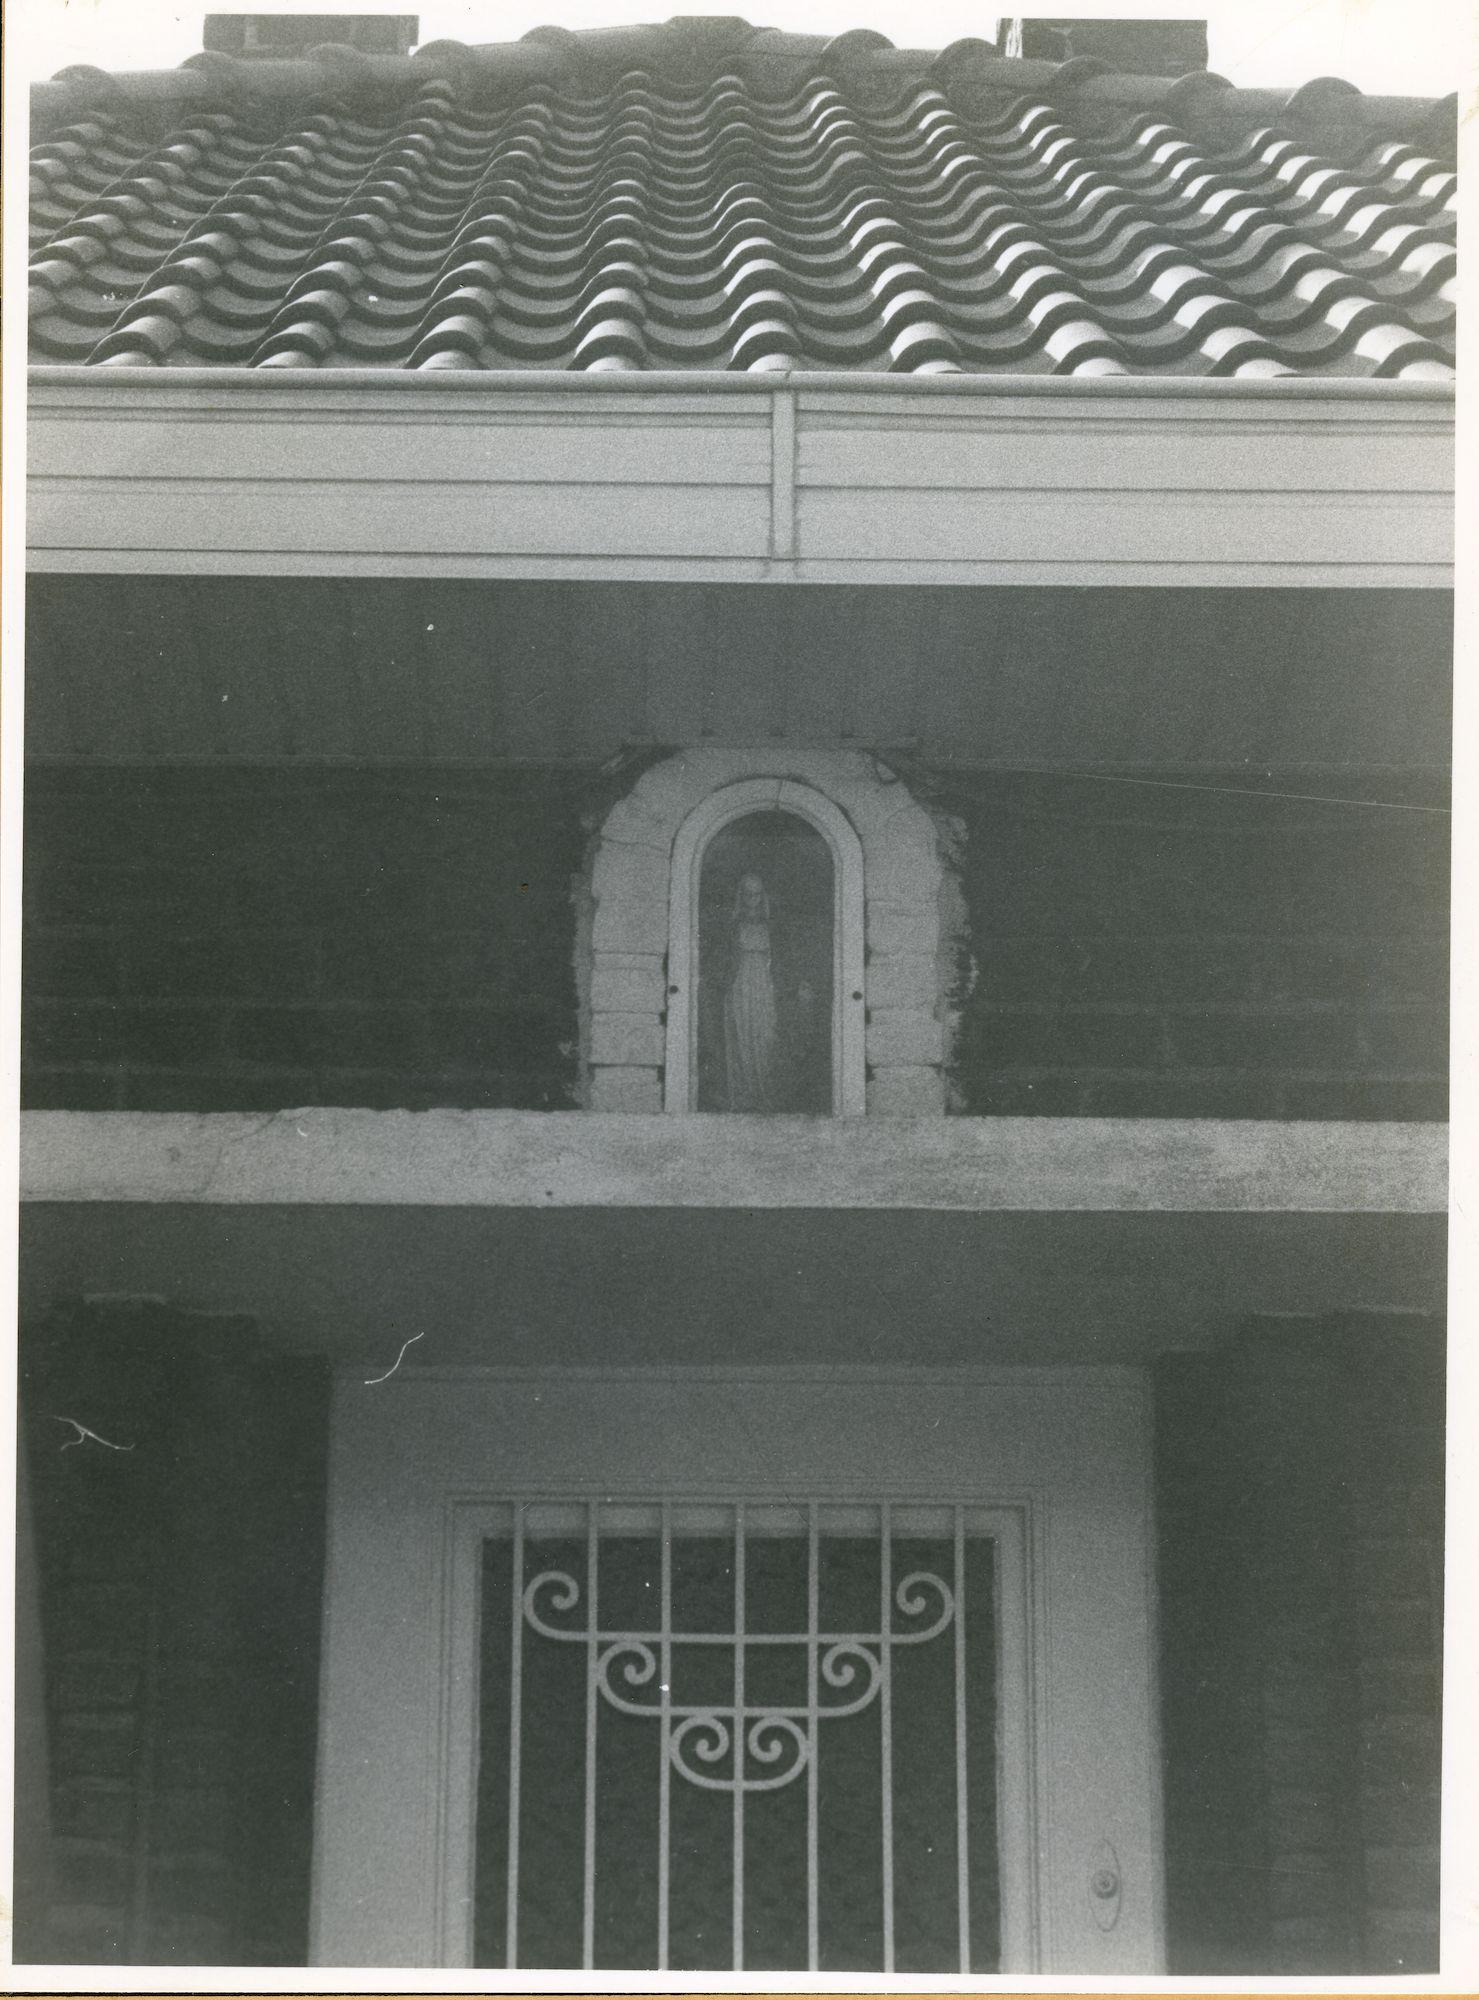 Oostakker: Eikstraat 17: Niskapel, 1979